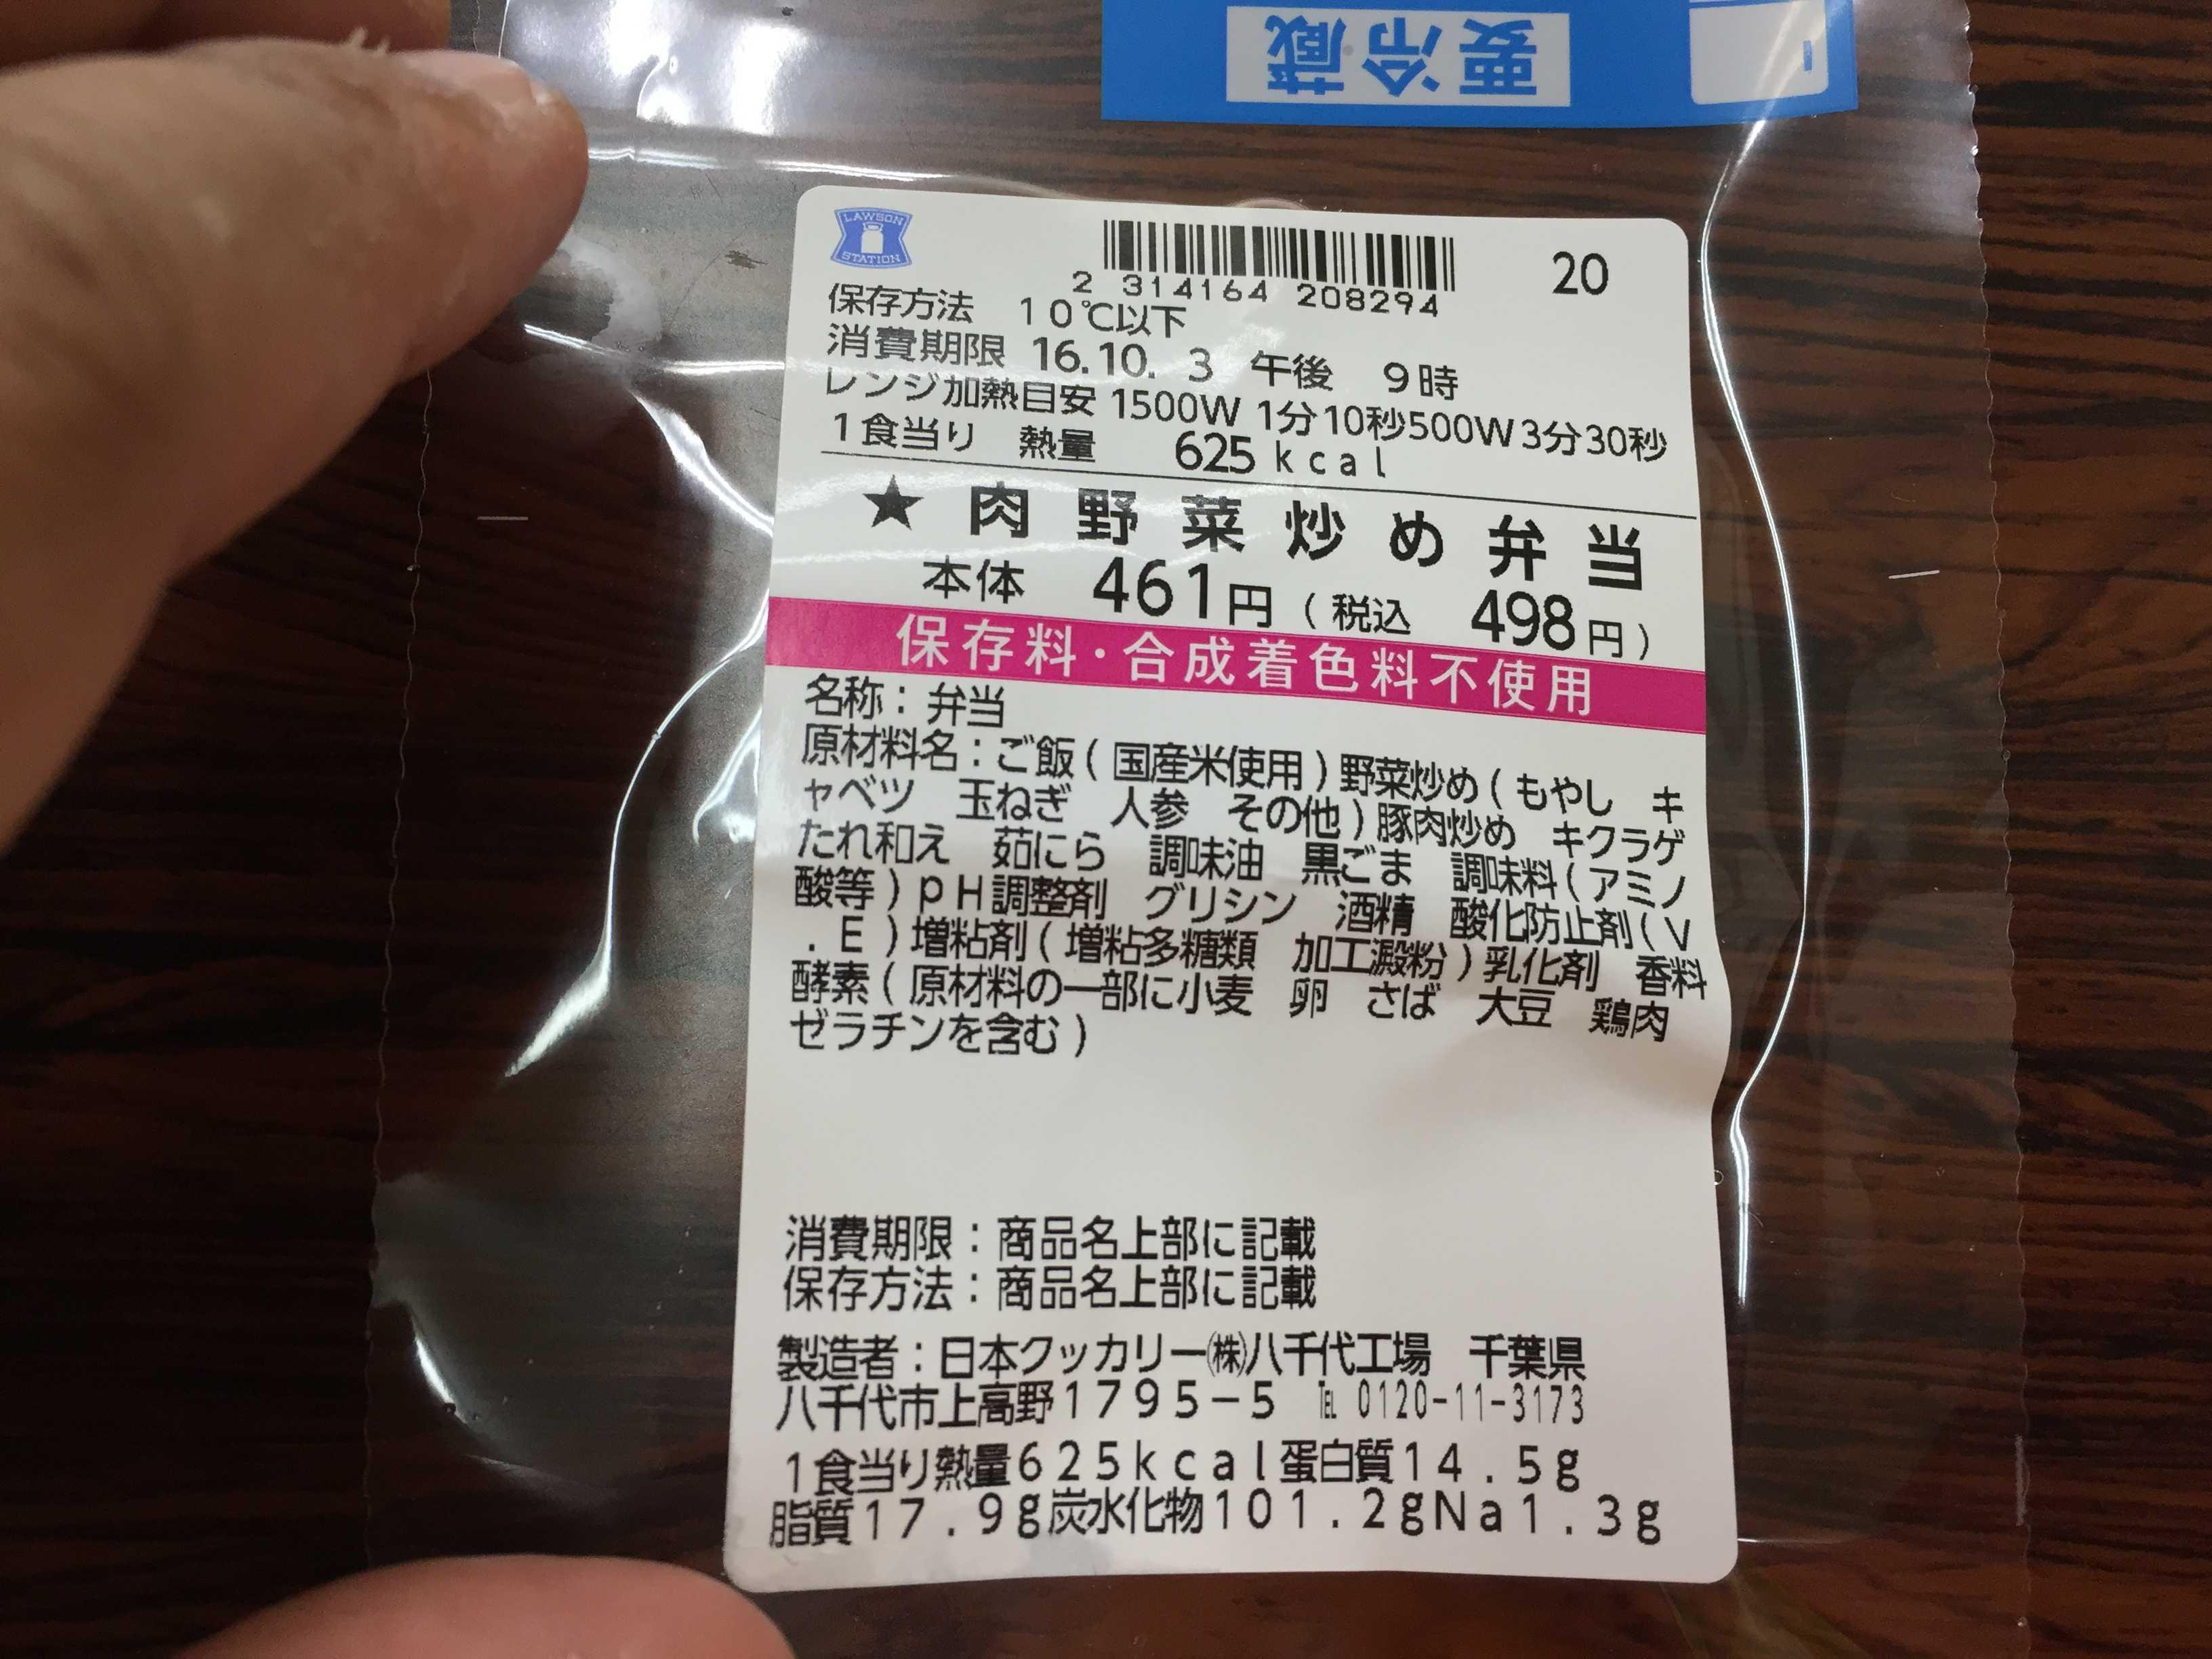 ローソン肉野菜炒め弁当の製造者: 日本クッカリー(ニッスイグループ)